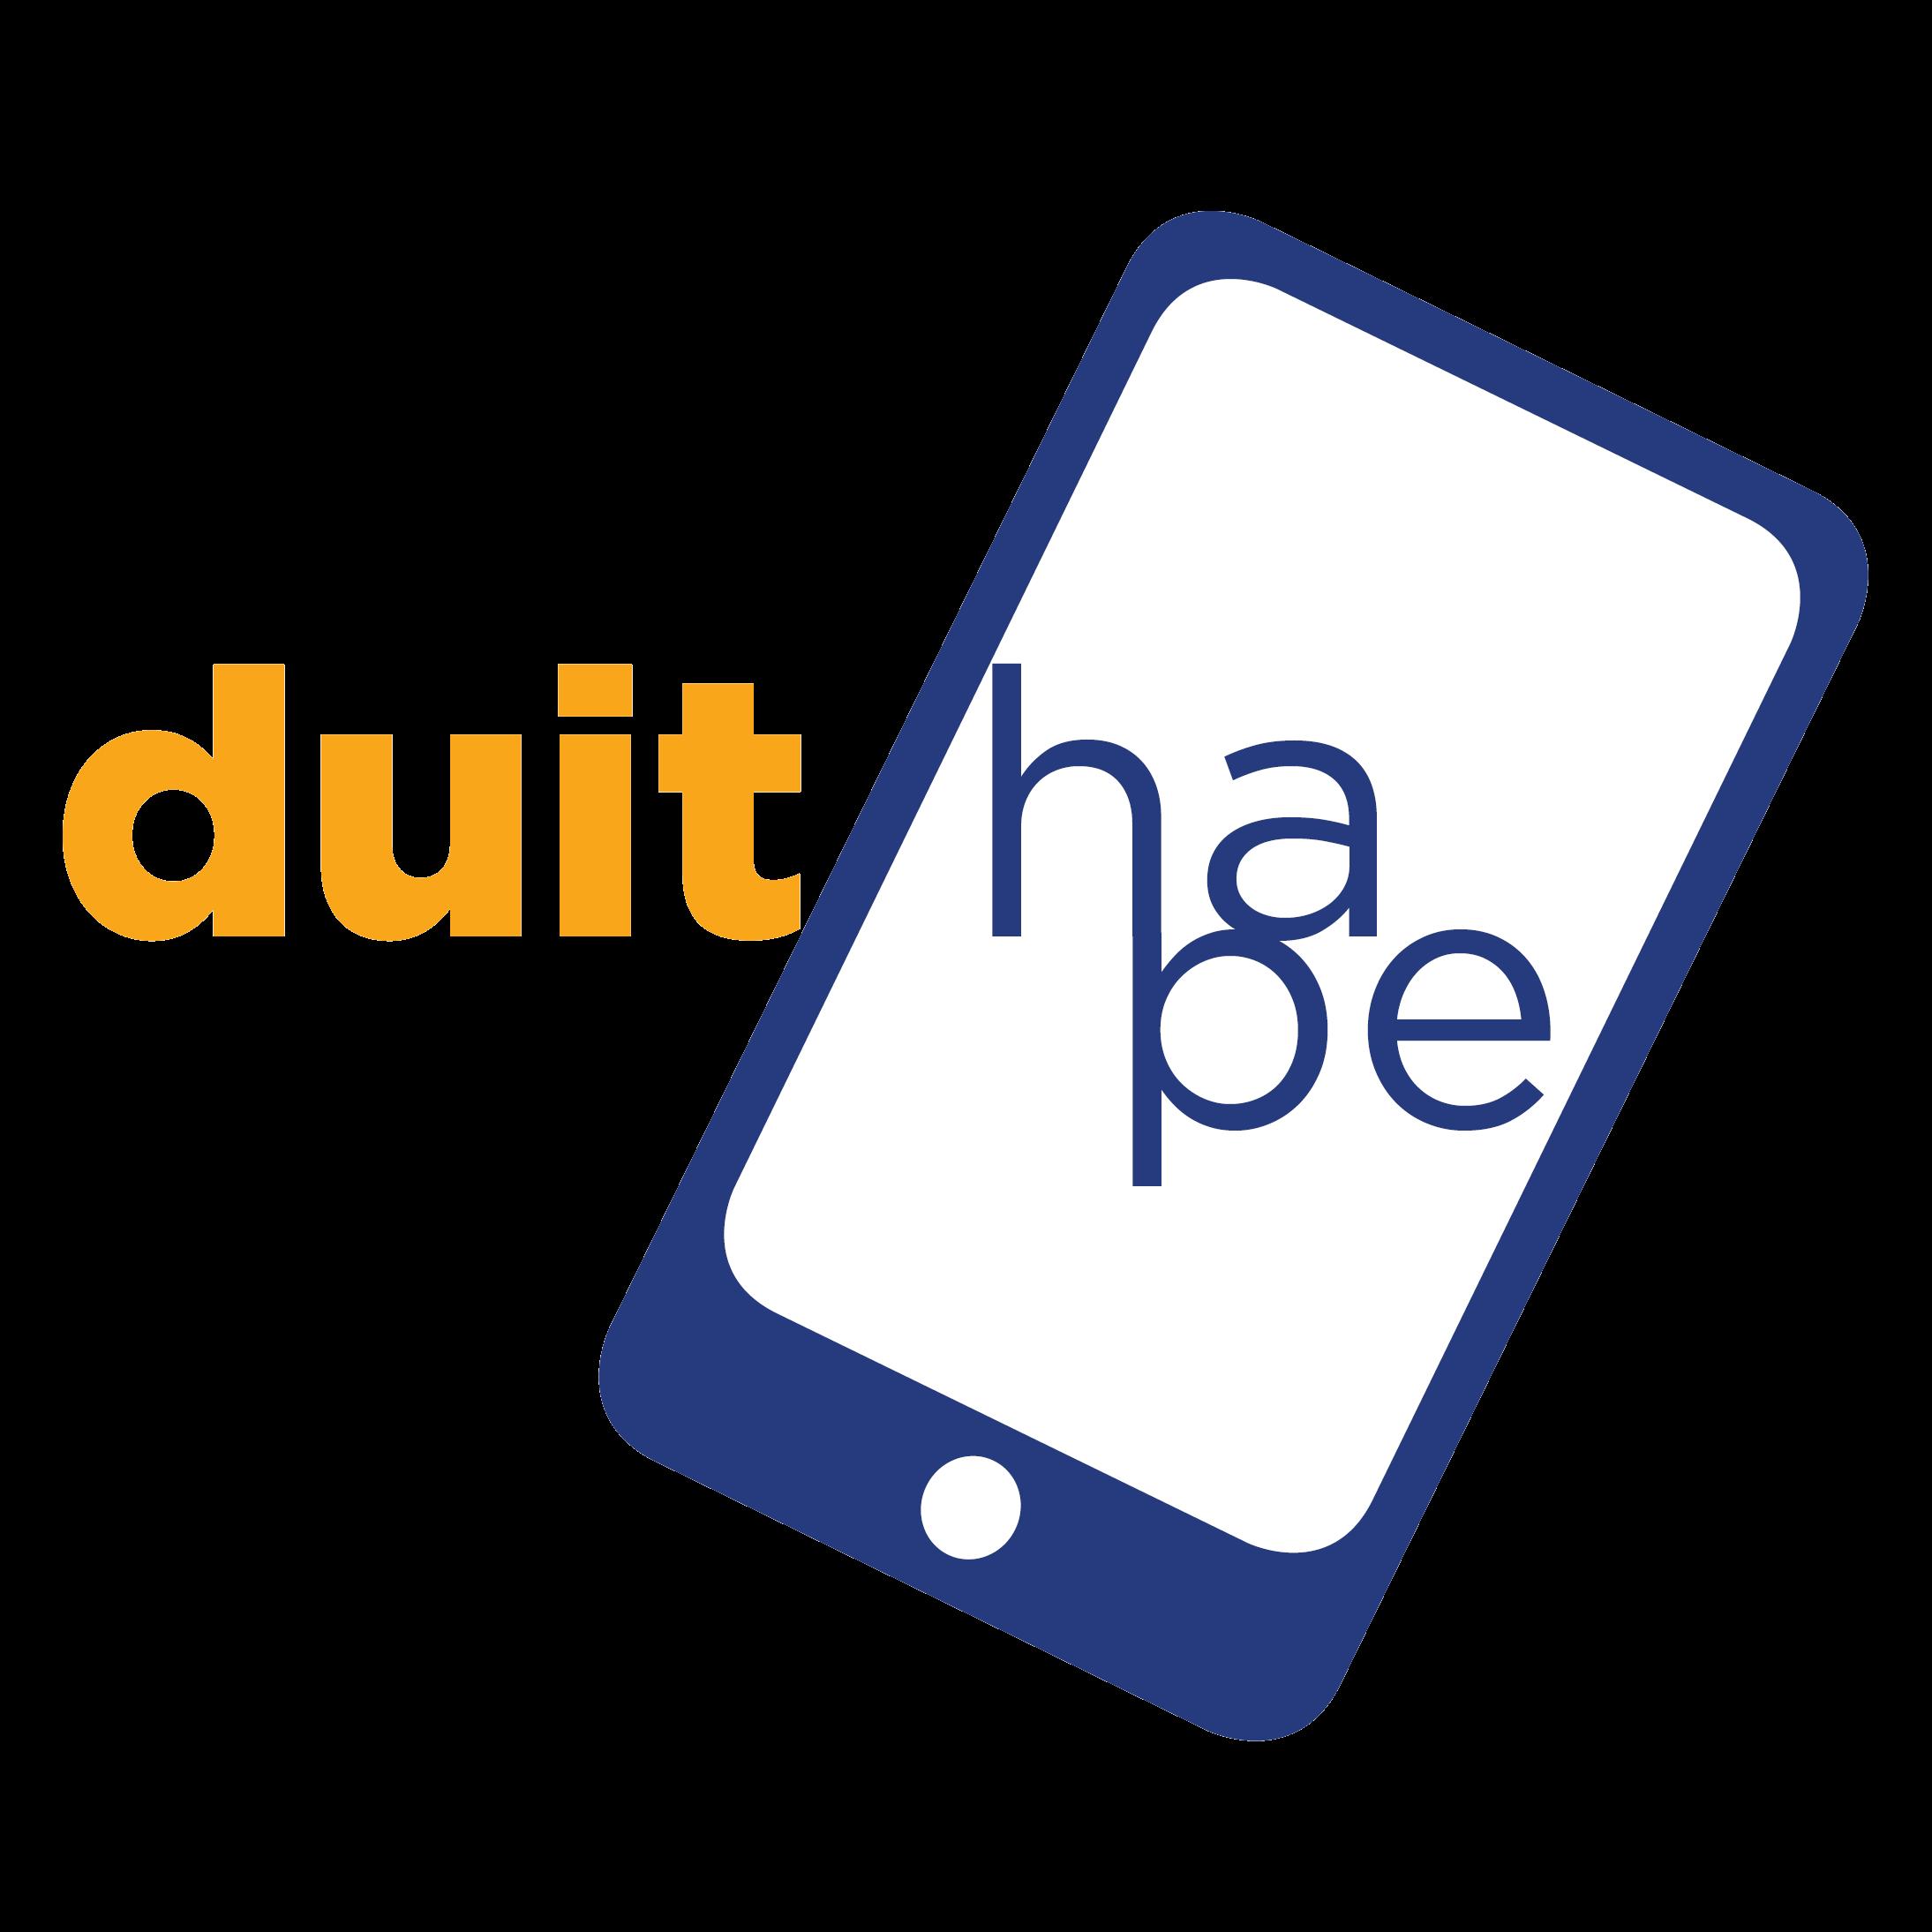 DuitHape